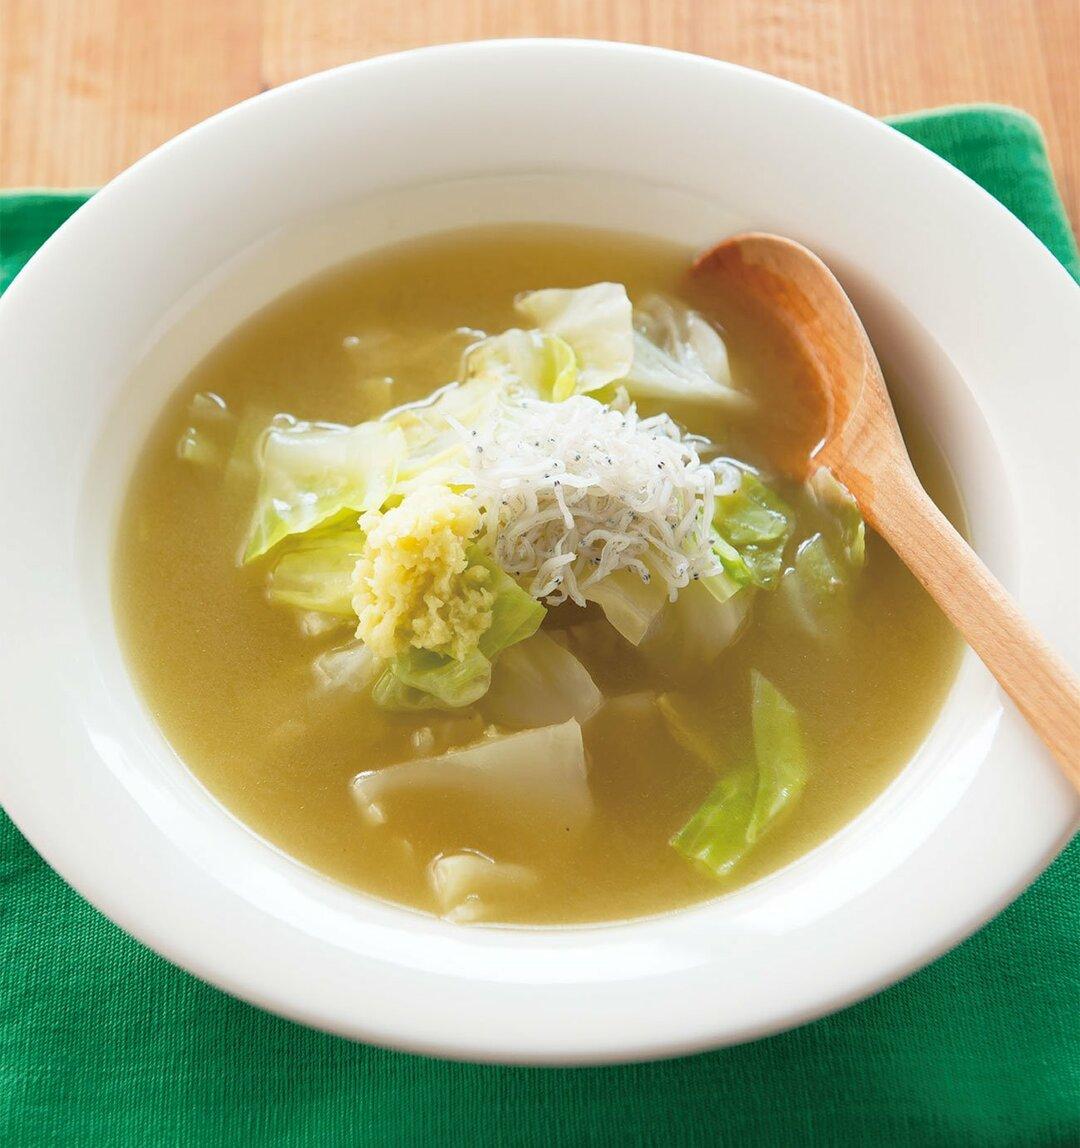 内臓脂肪を燃やし、<br />糖尿病を遠ざける<br />キャベツの長寿スープとは?